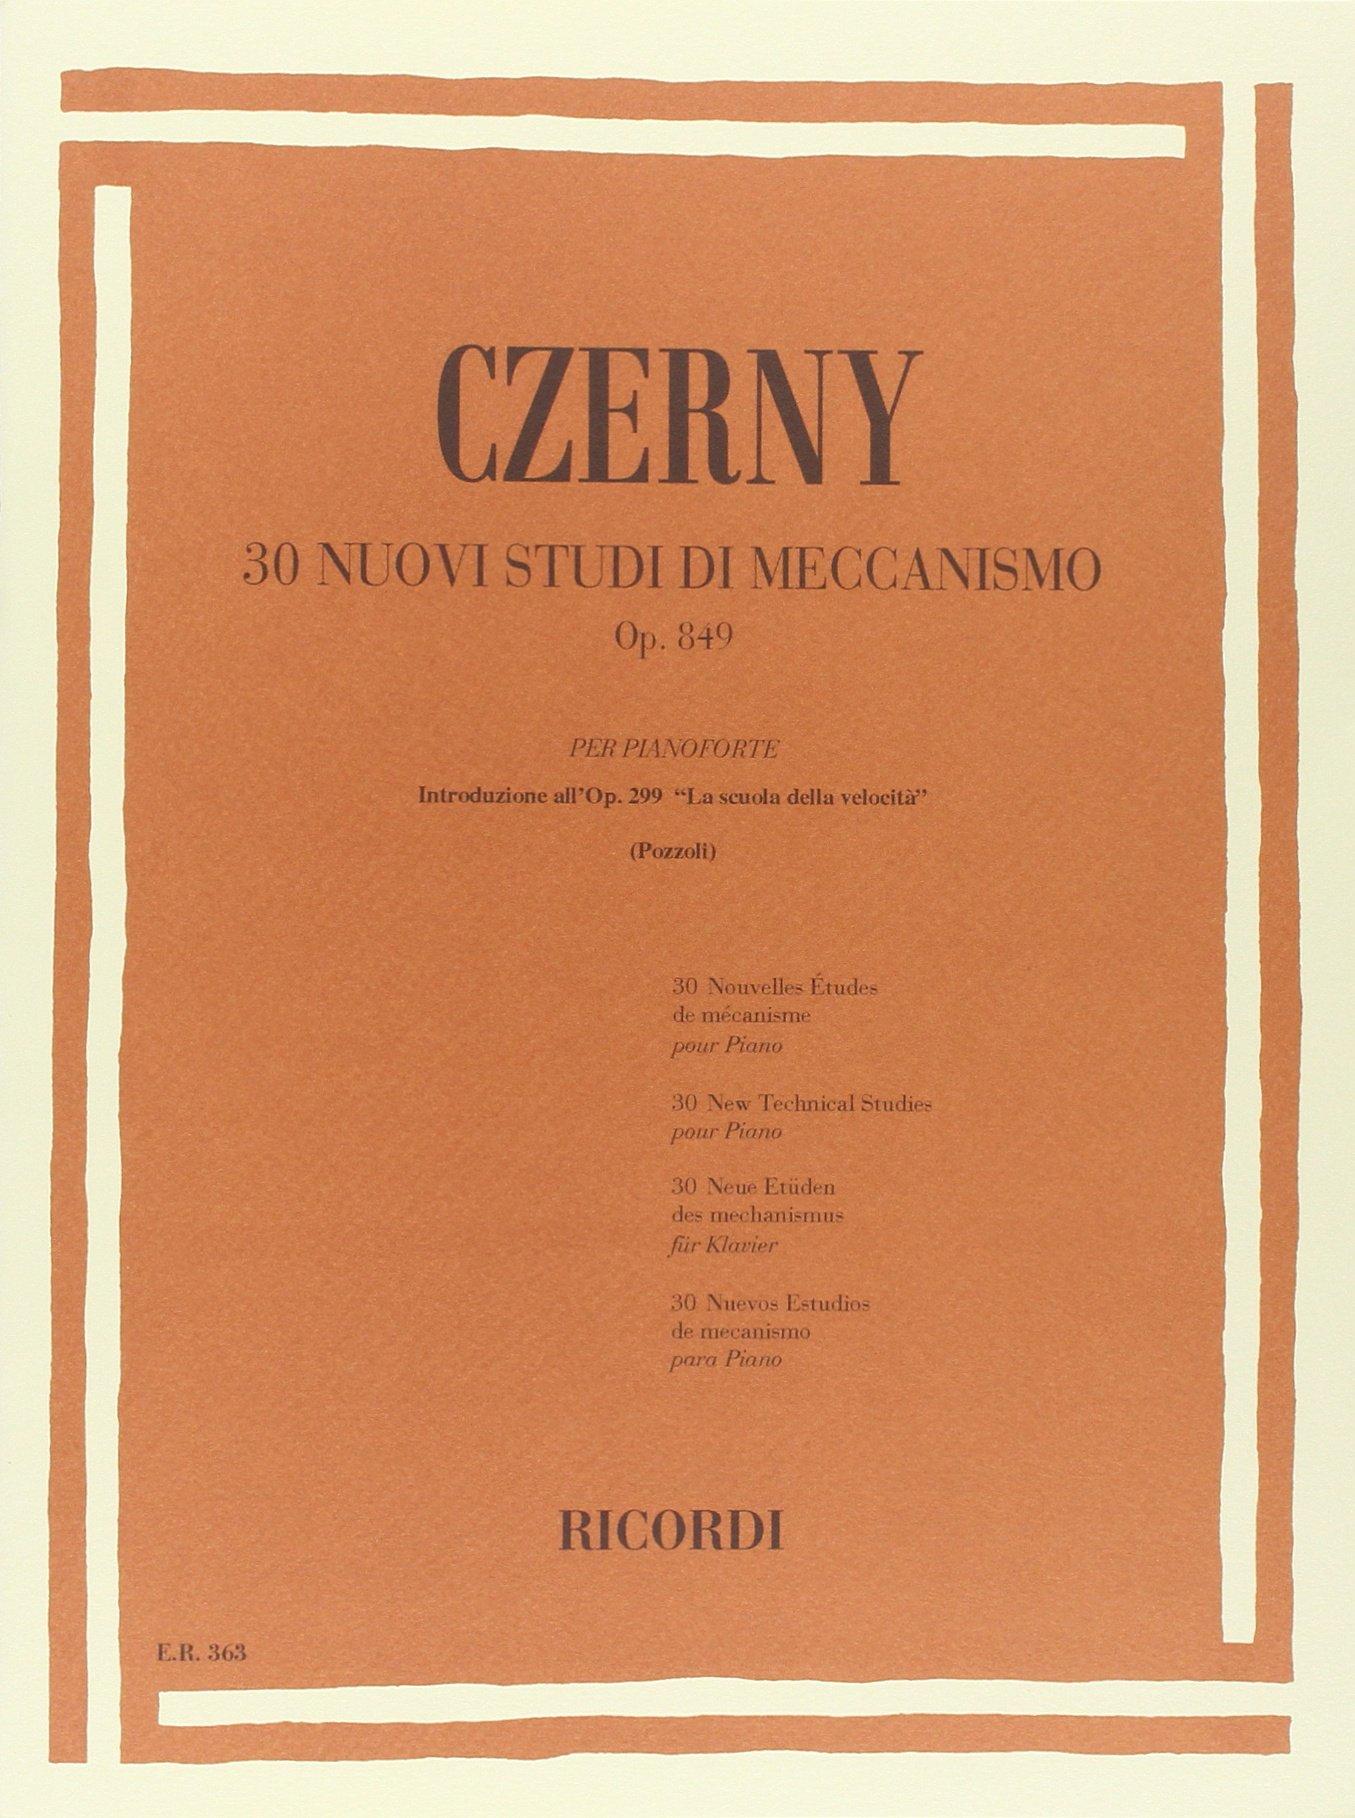 CZERNY - Op. 849 30 nuovi studi di meccanismo per pianoforte Spartito musicale – 1 gen 1984 CZERNY C. Ricordi 0041803639 Musique - danse